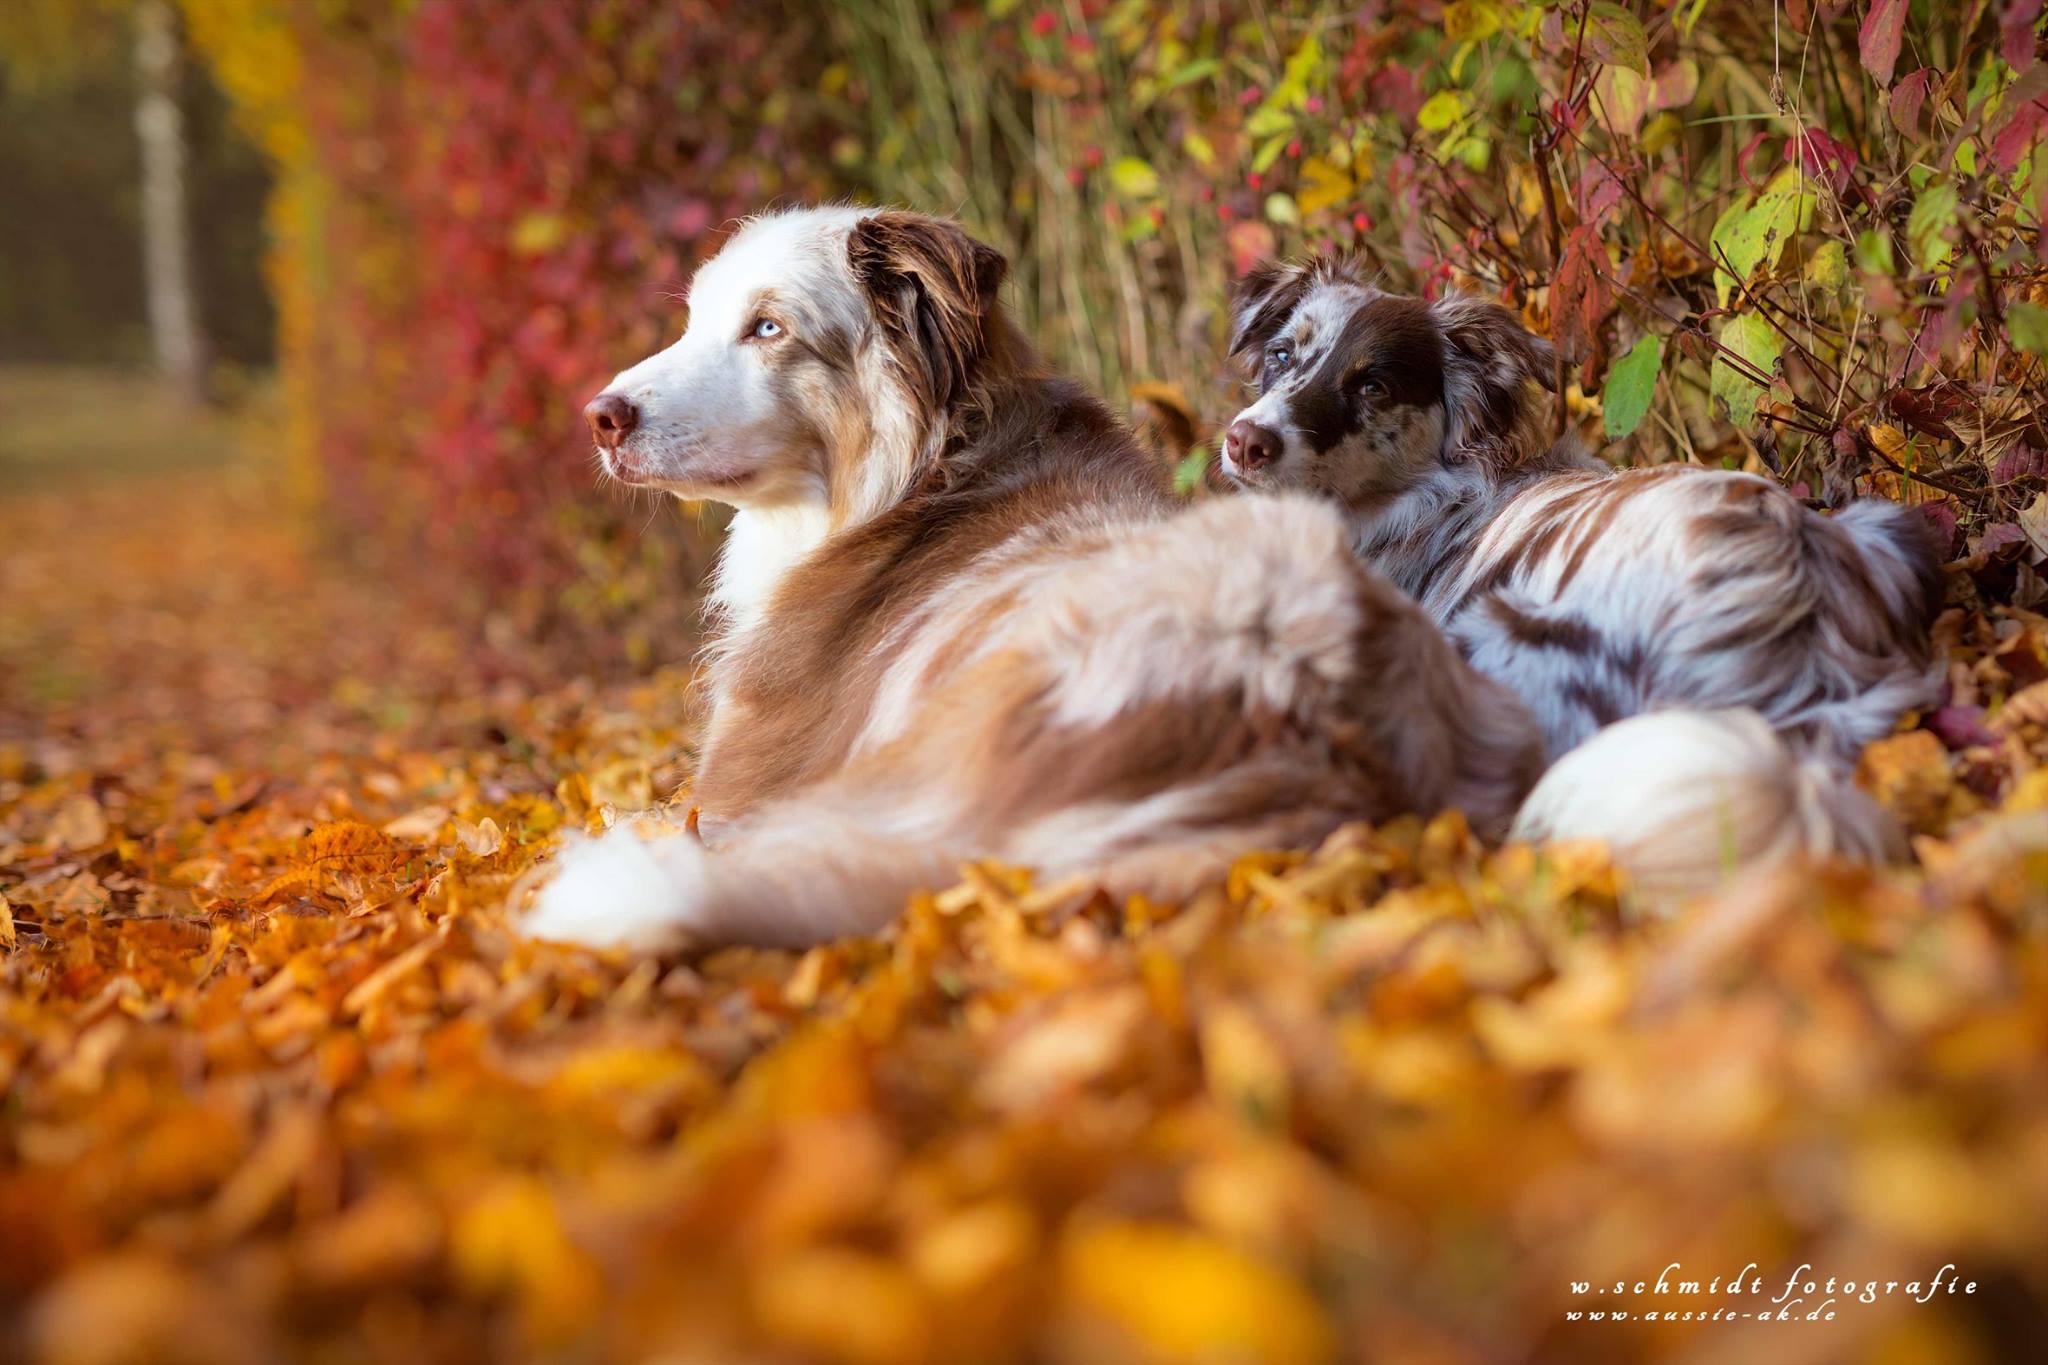 Graffi und Ivy in der Herbstsonne